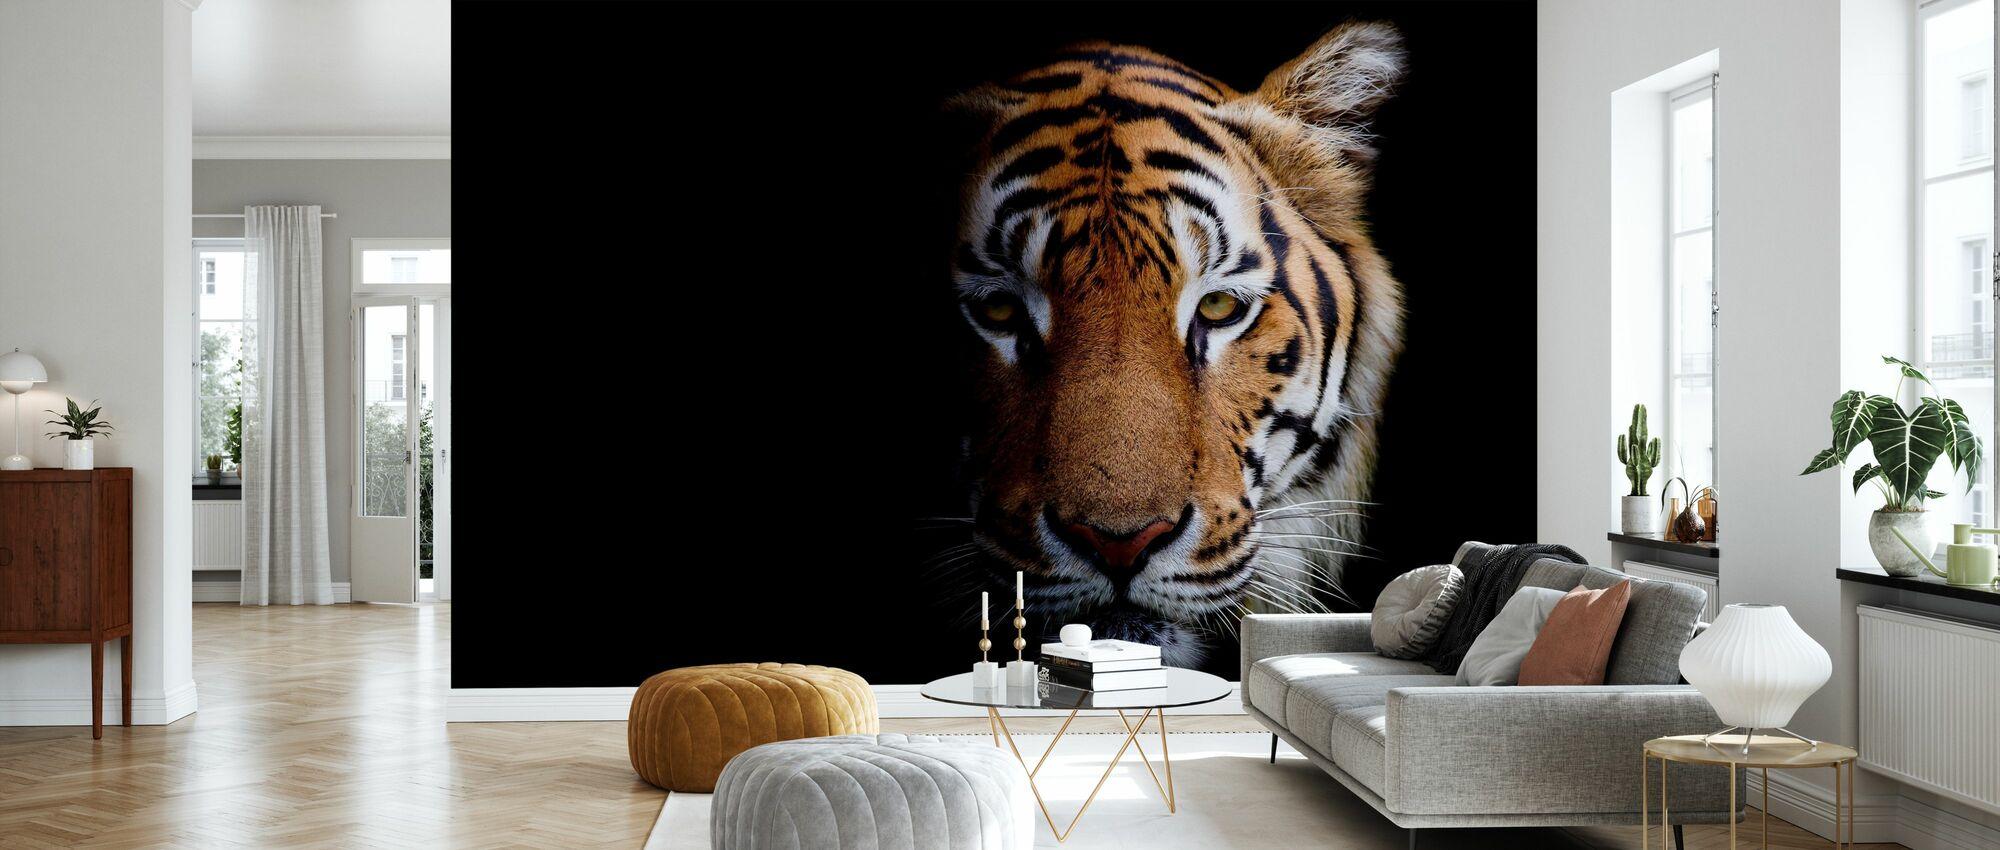 Tiger - Wallpaper - Living Room